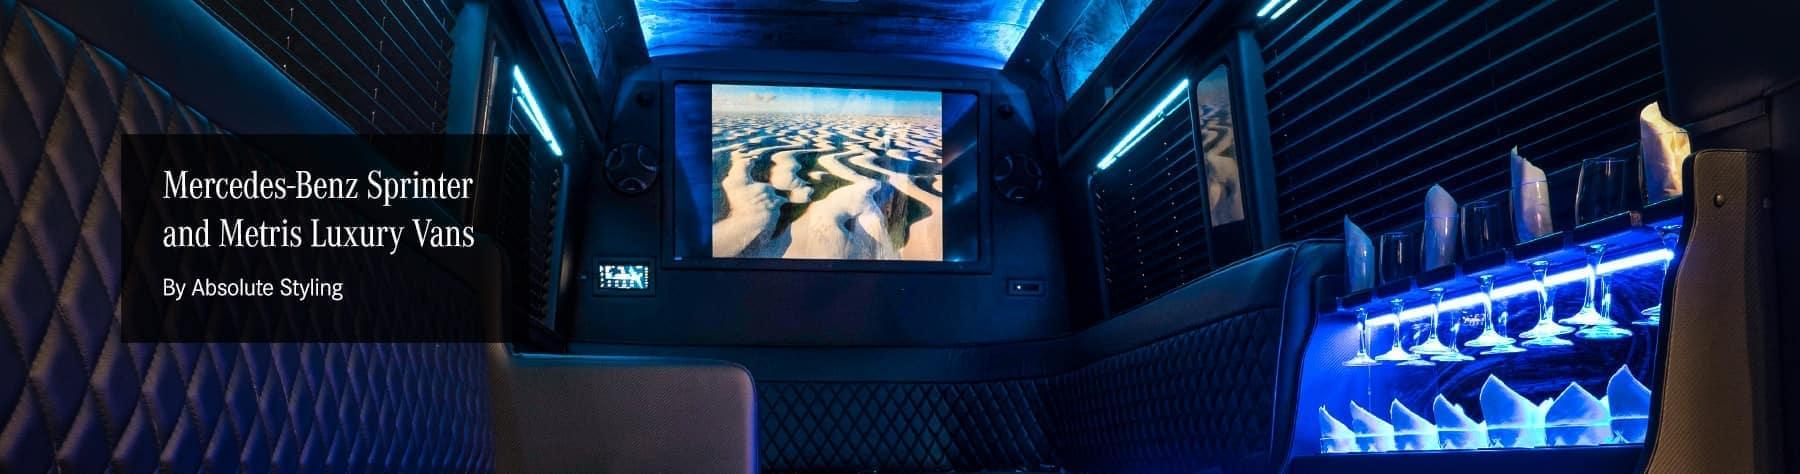 Vans - Luxury Metris and Sprinter Vans | Mercedes-Benz Vancouver